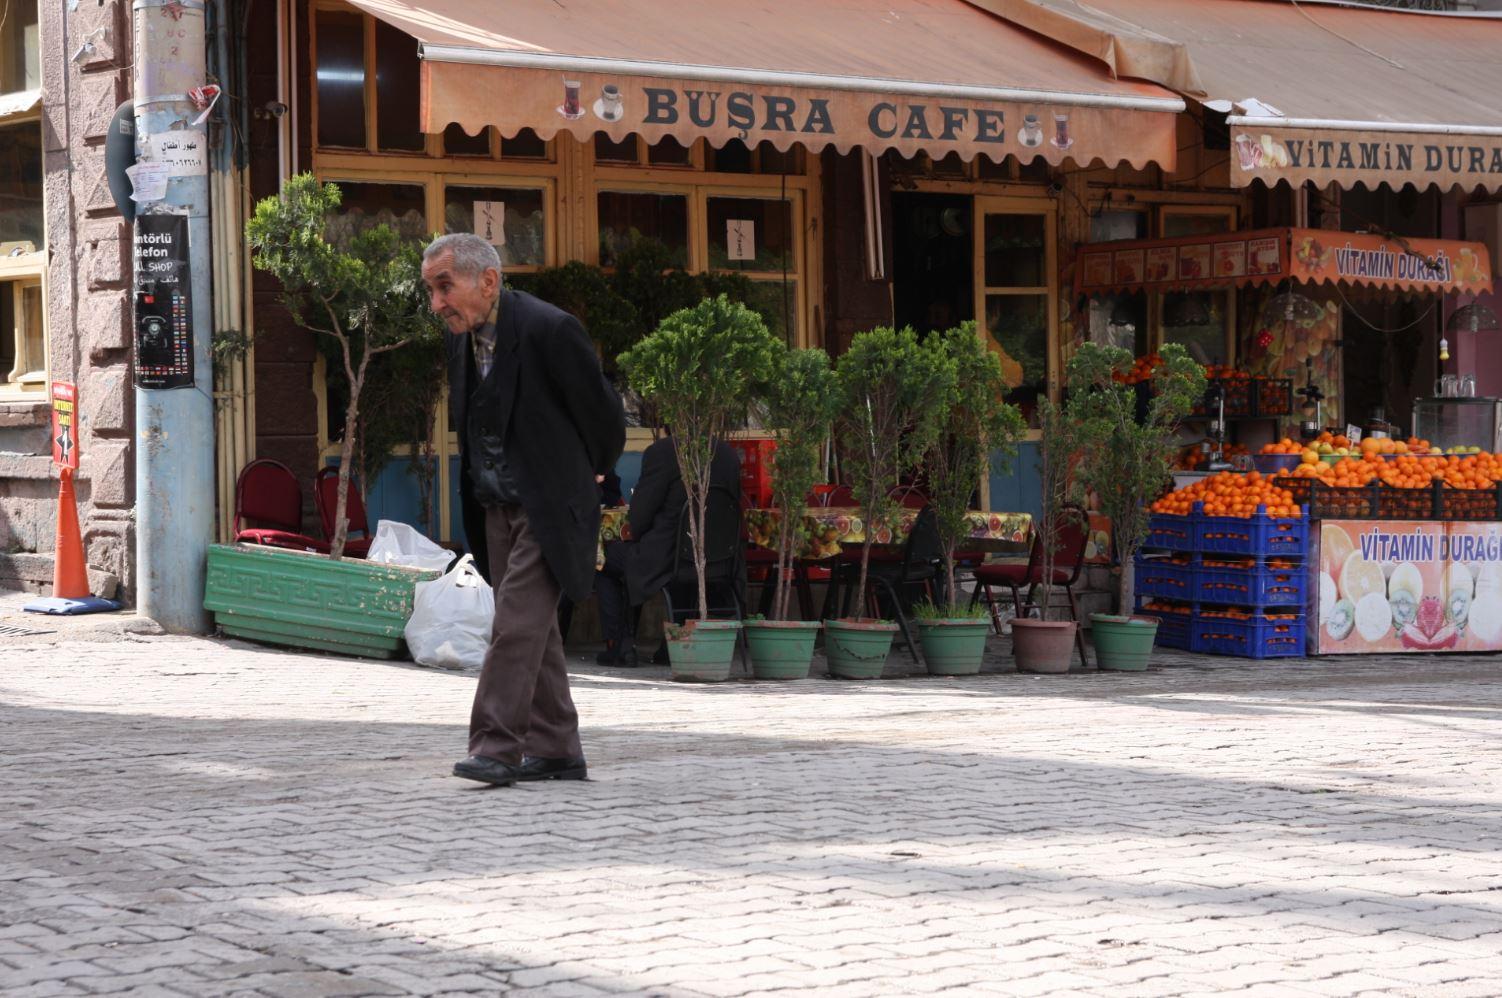 Busra Cafe, nel cuore di Basmane. Nei dintorni la sera domanda e offerta si incontrano, alimentando il business dei trafficanti